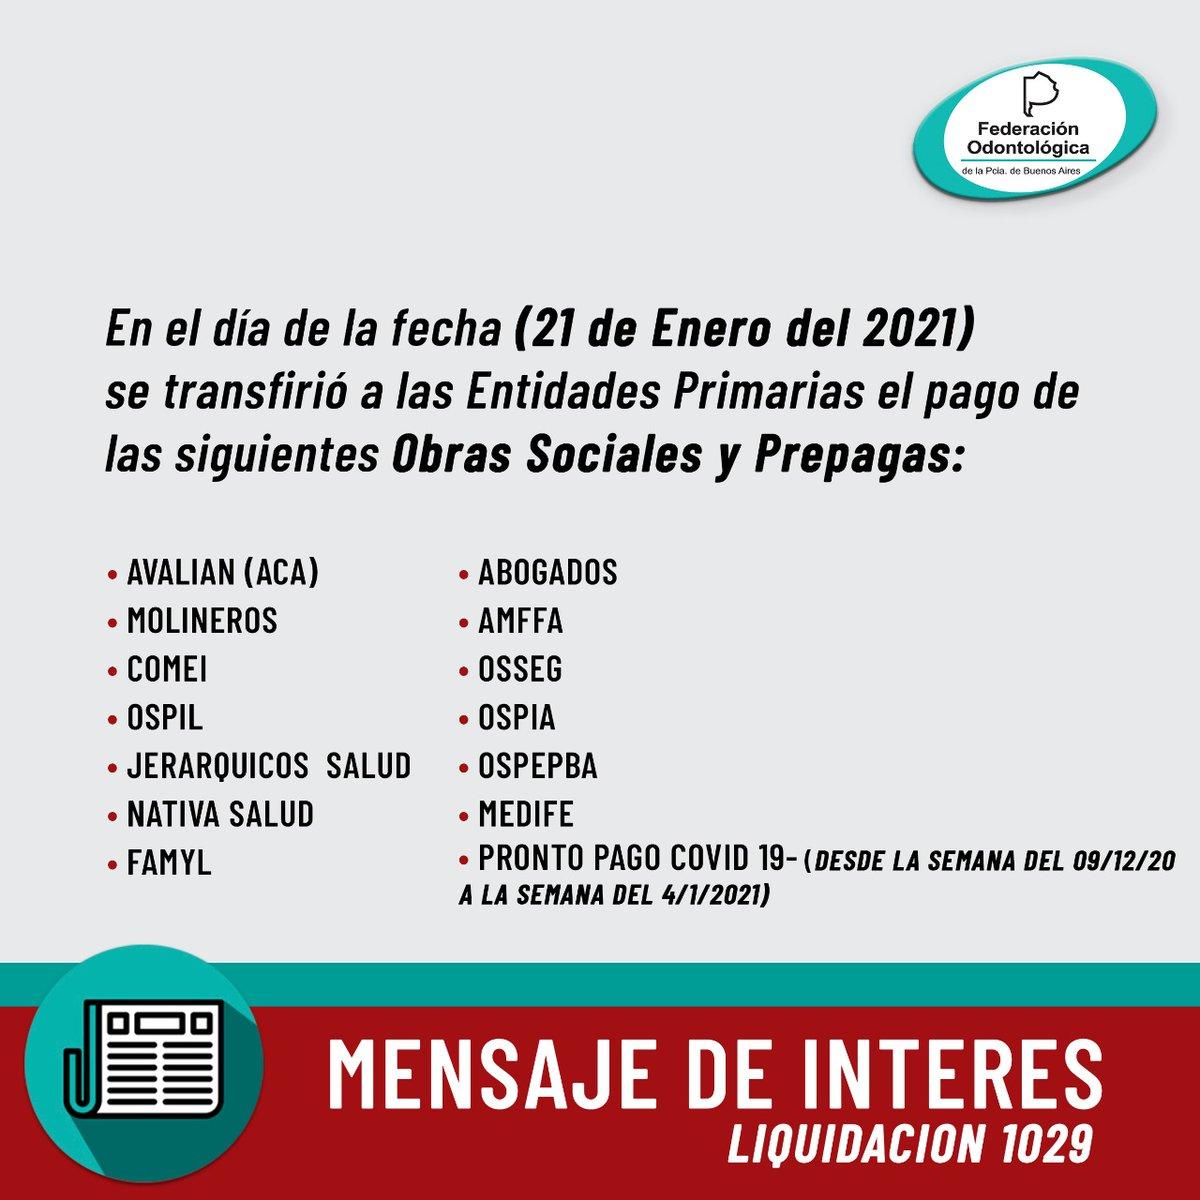 MENSAJE DE INTERÉS #pagos #fopba #somosfederacion